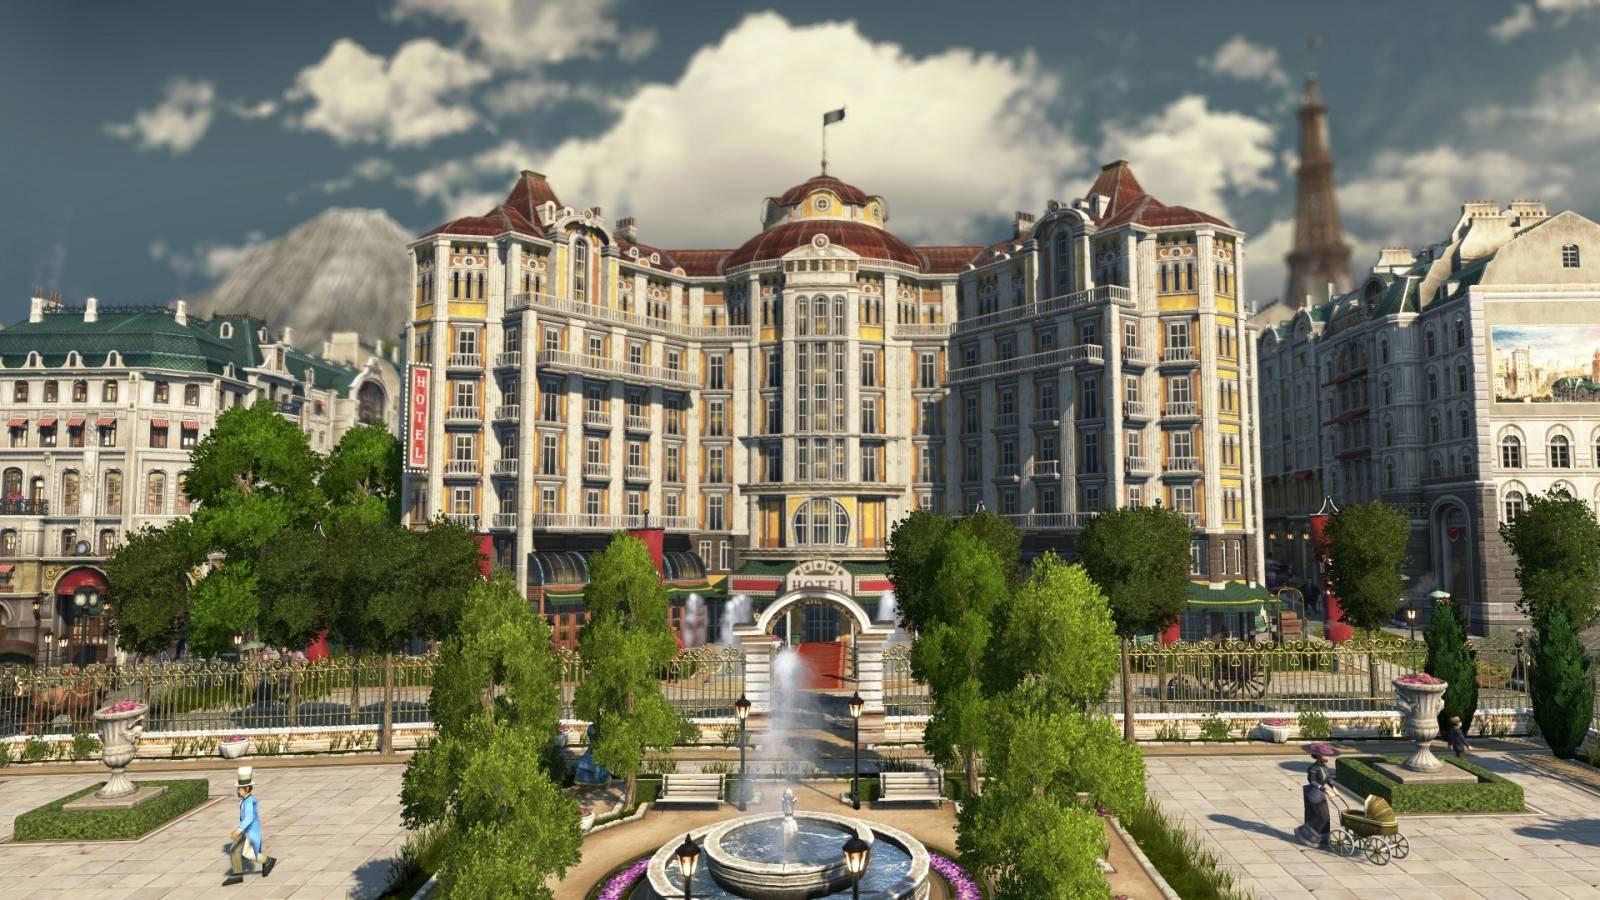 """Anno 1800: Llega el nuevo contenido descargable """"Tourist Season"""" 4"""